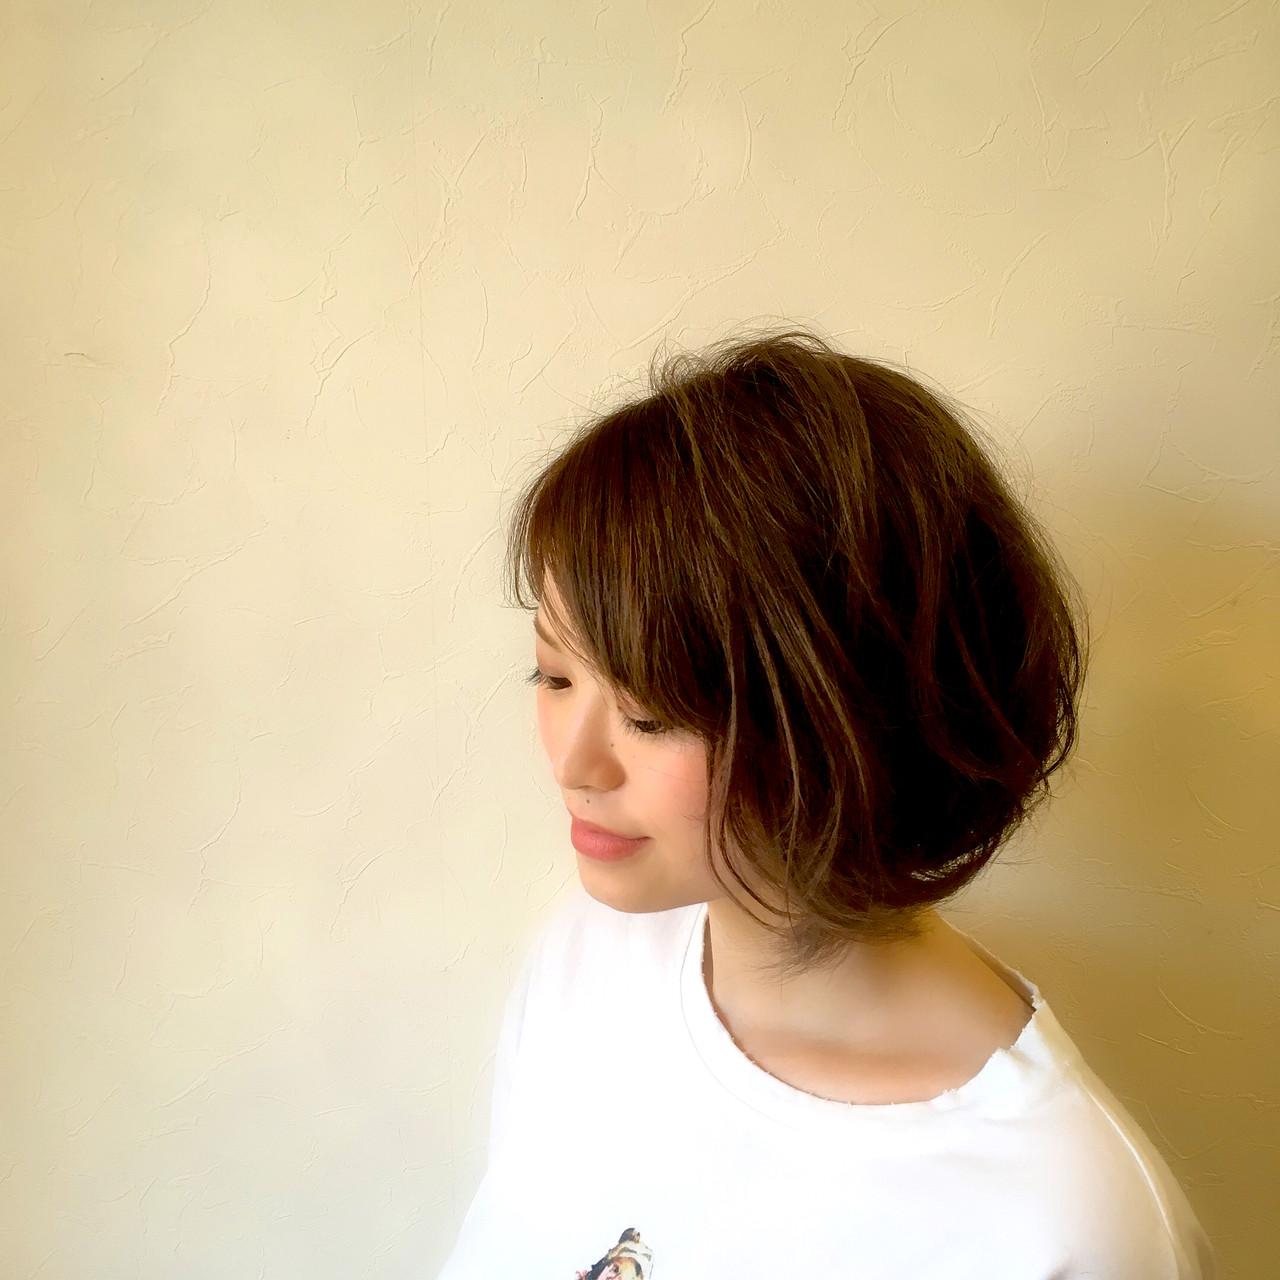 アンニュイほつれヘア ショートボブ ショート オフィス ヘアスタイルや髪型の写真・画像